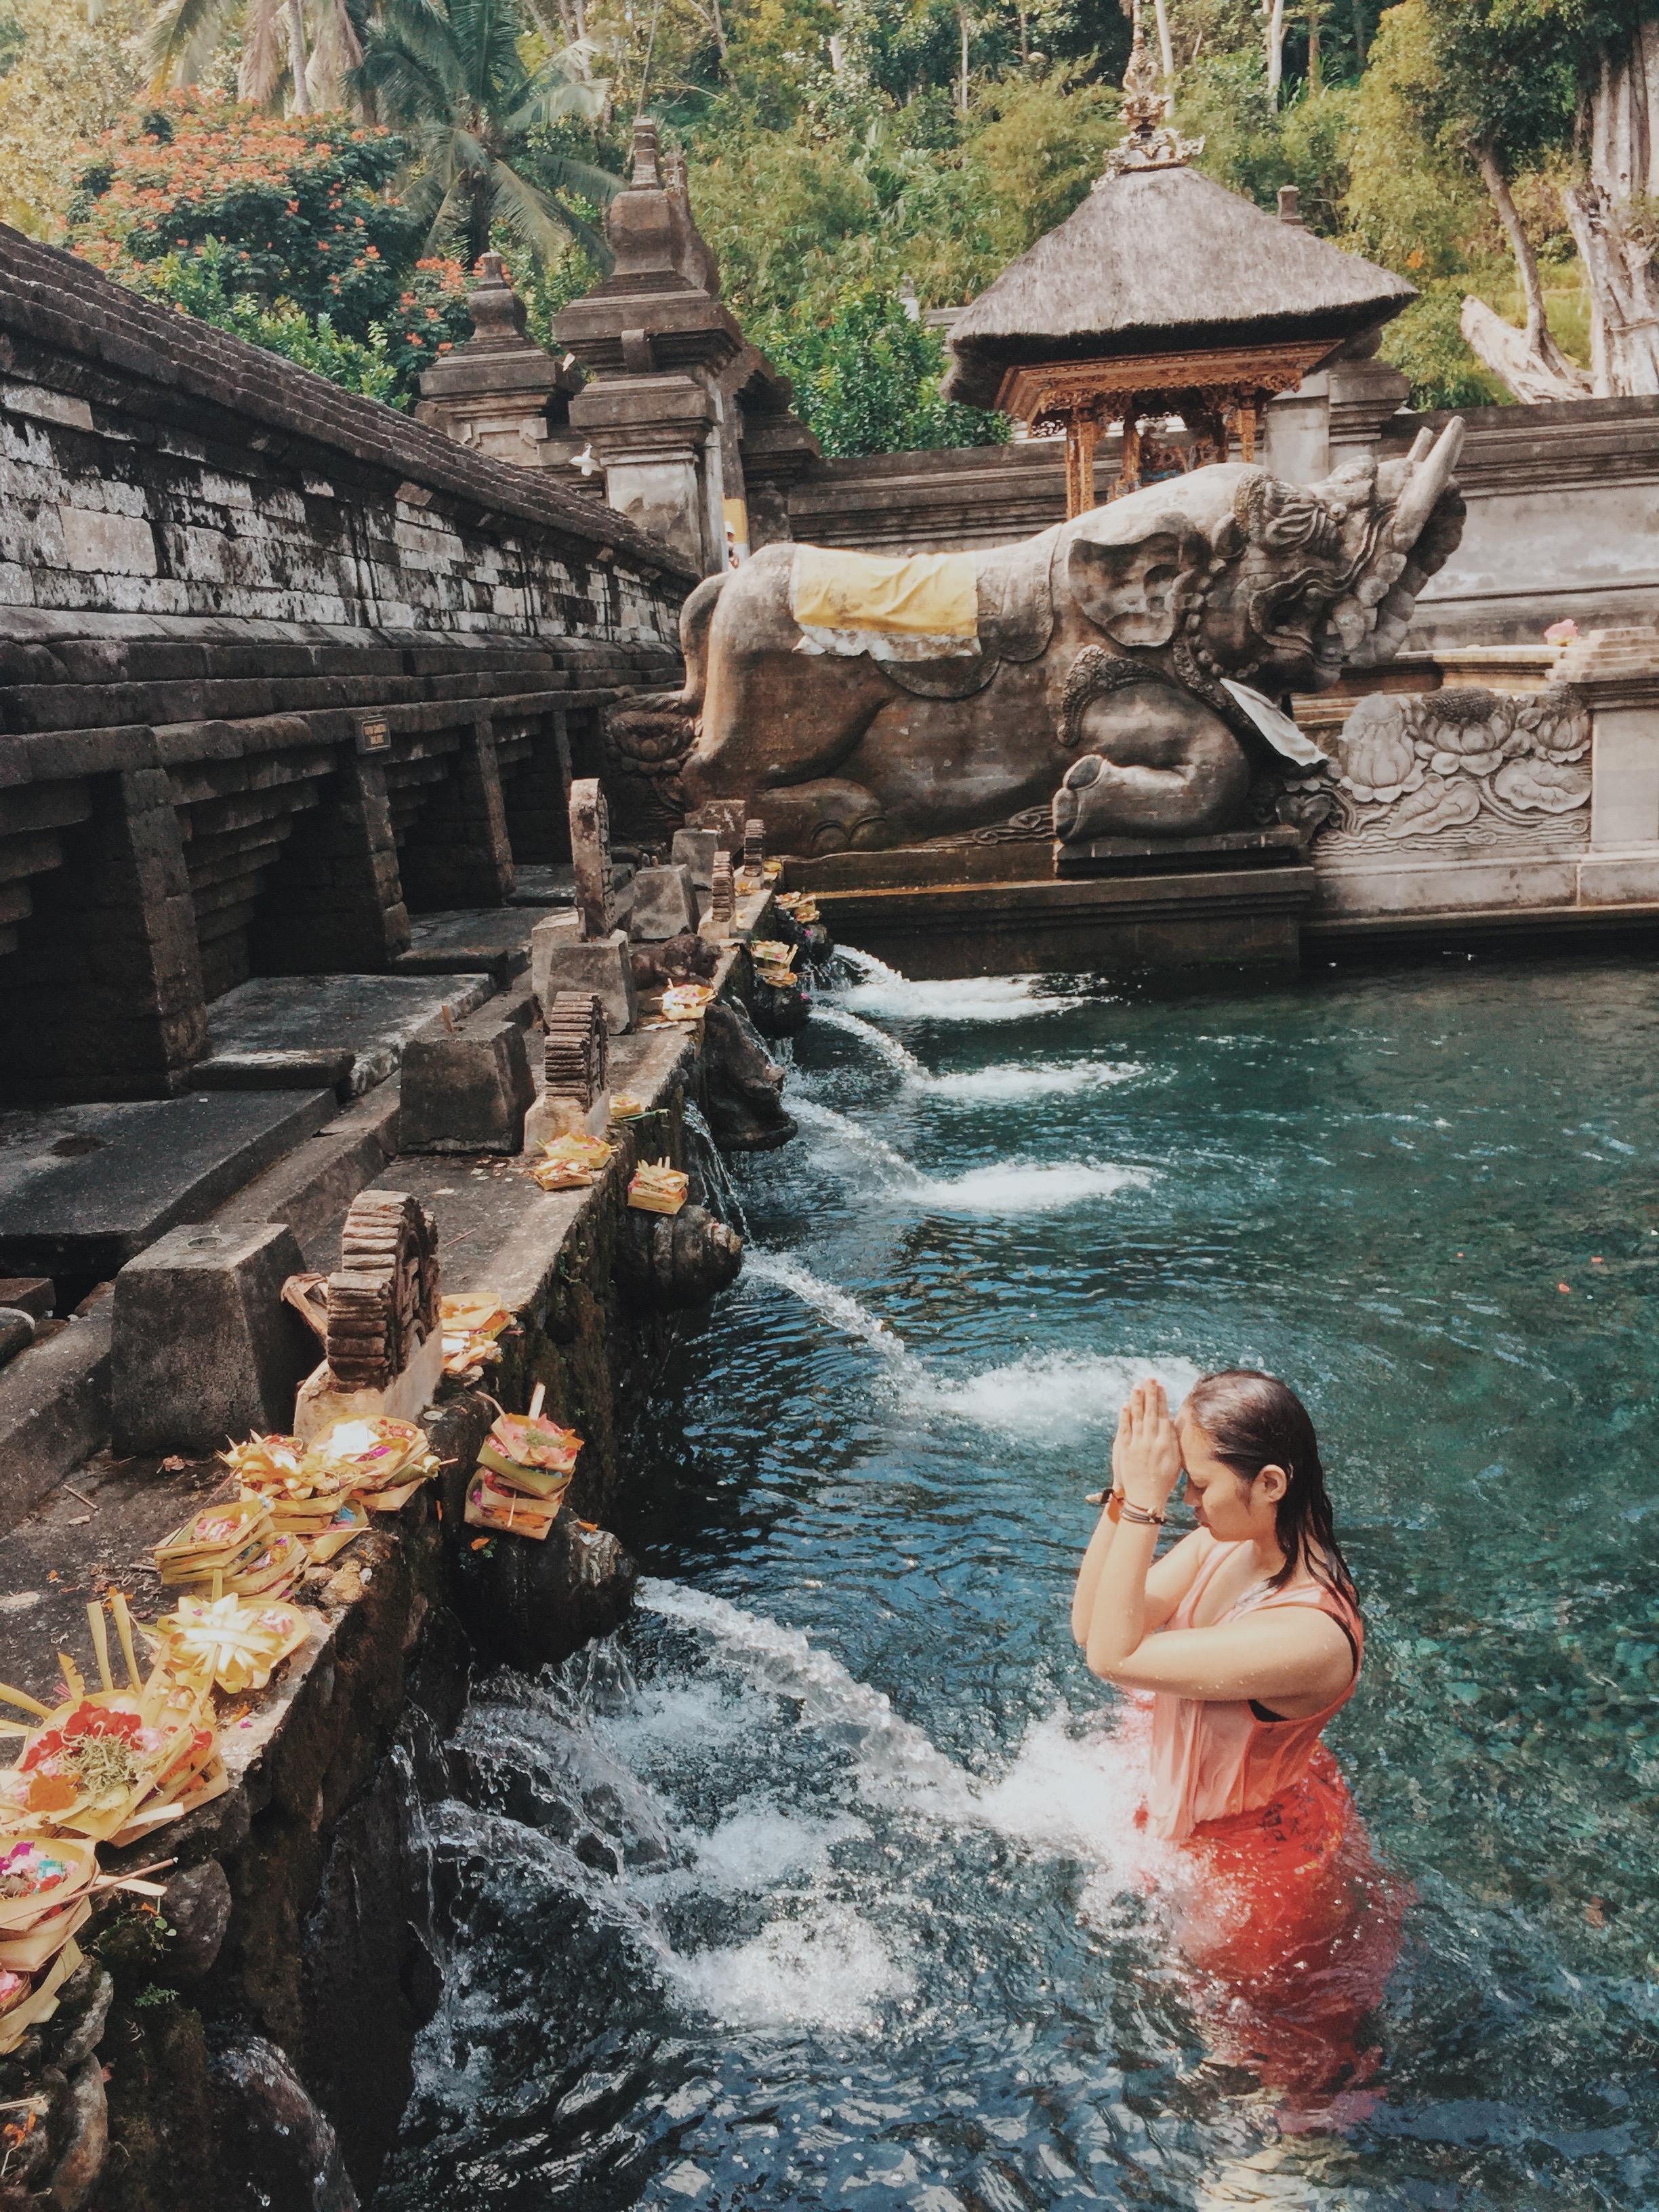 Tirta Water Empul,  Jl. Tirta, Manukaya, Tampaksiring, Kabupaten Gianyar, Bali 80552, Indonesia